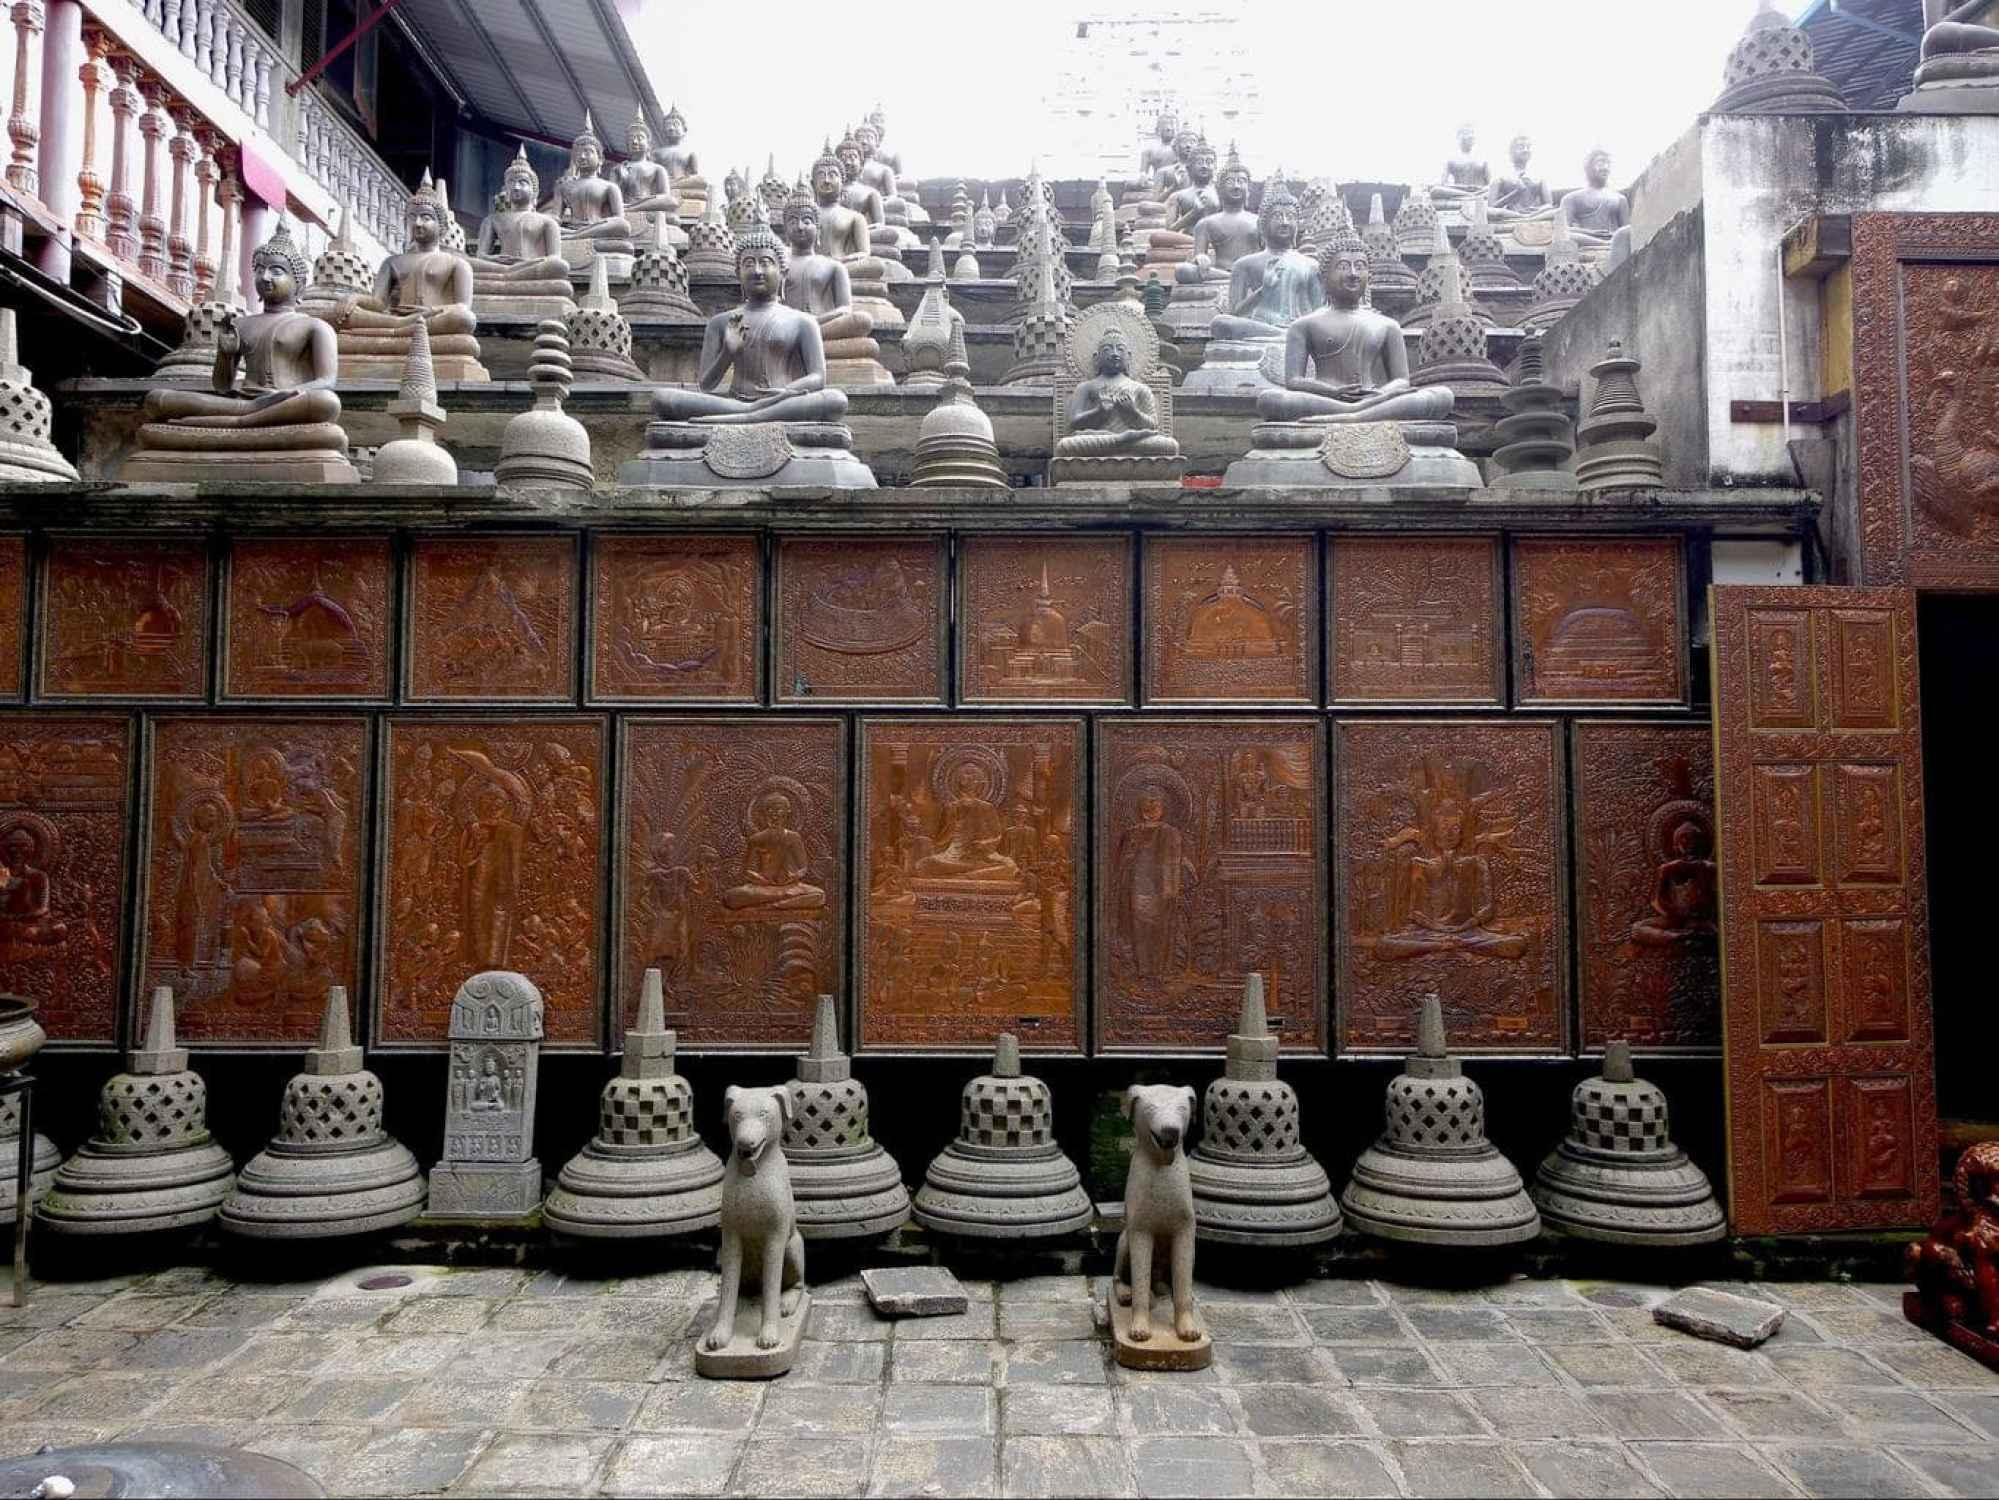 Replica of Borobudur Temple